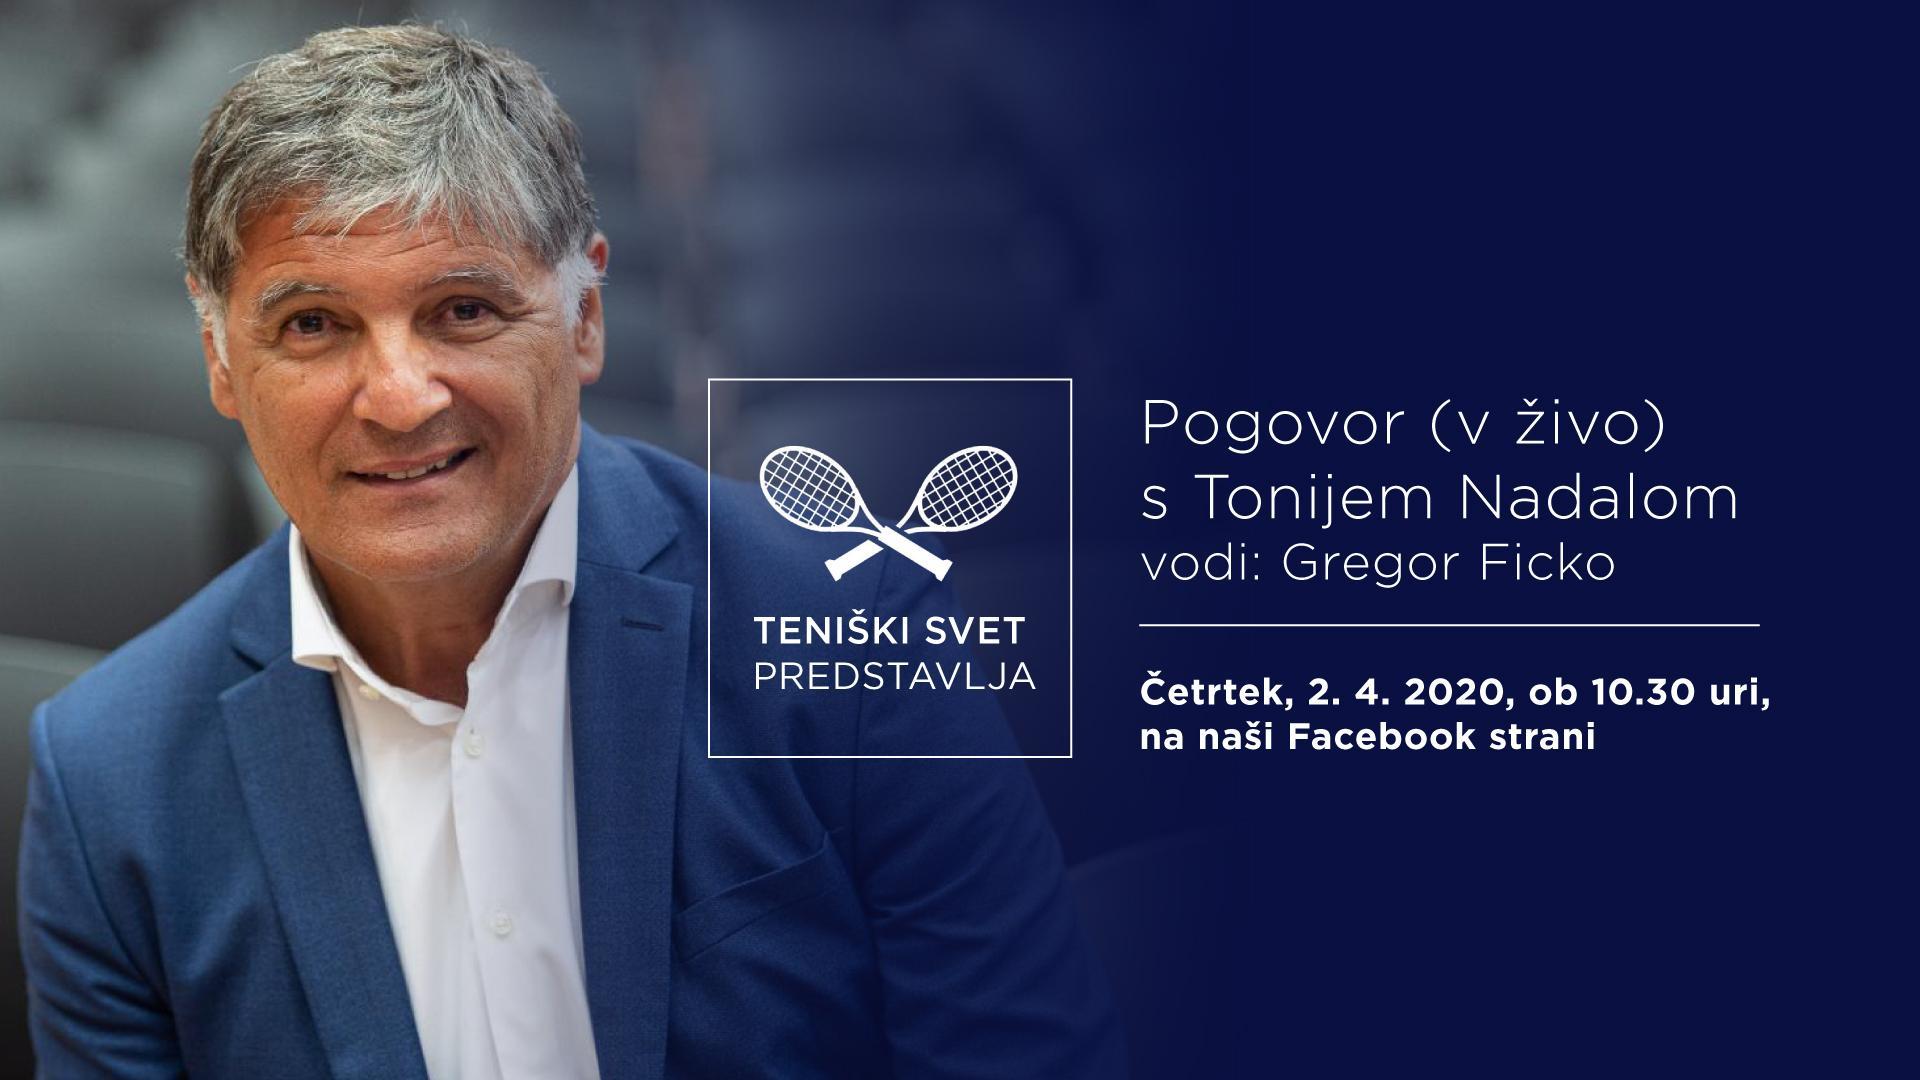 tenisk svet FB EVENT COVER 1 - PREDSTAVLJAMO: Vabljeni k pogovoru v živo s Tonijem Nadalom!